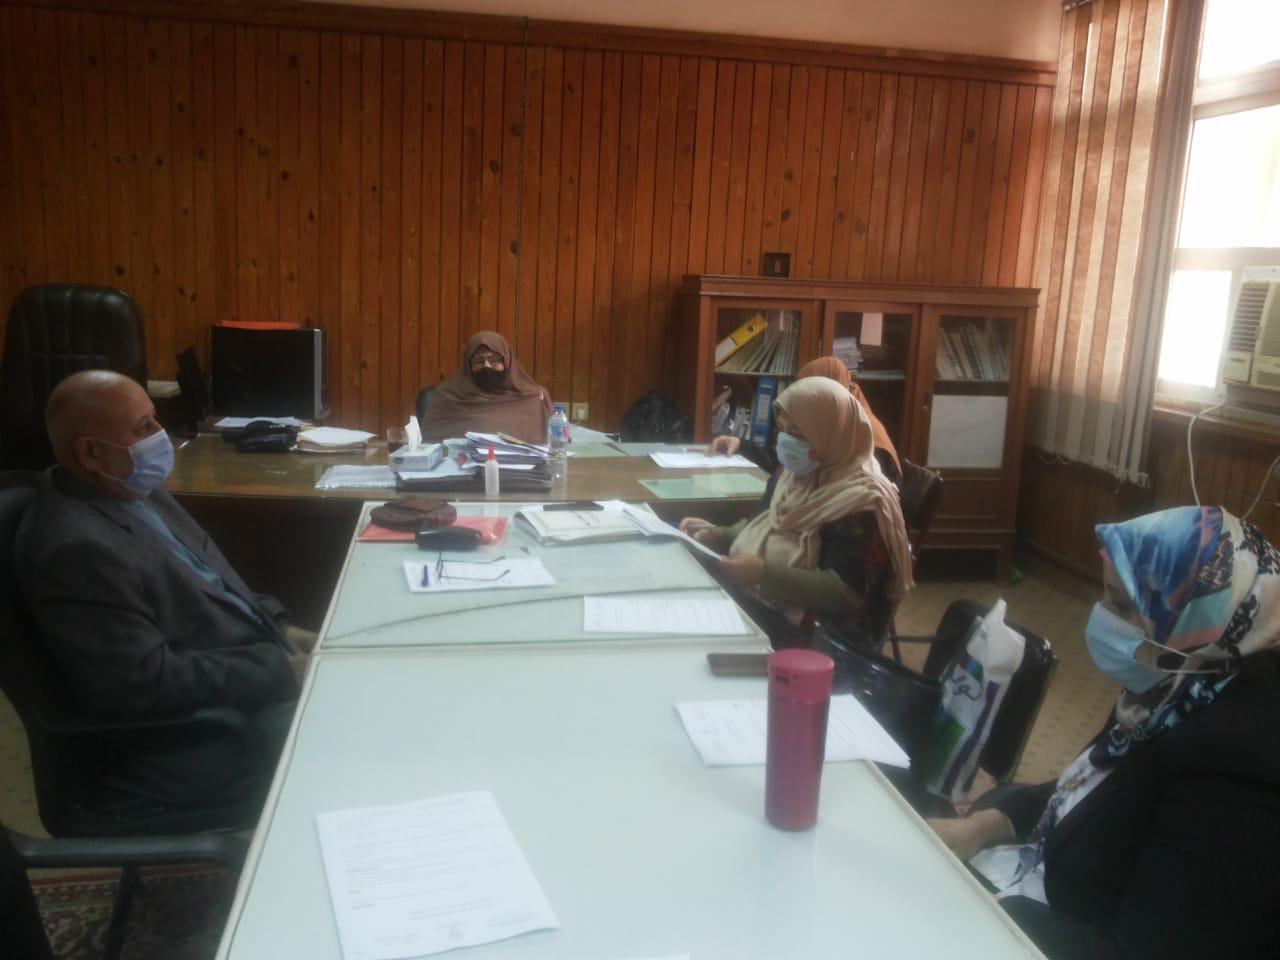 اجتماع لجنة العلاقات الثقافية لشهر مارس